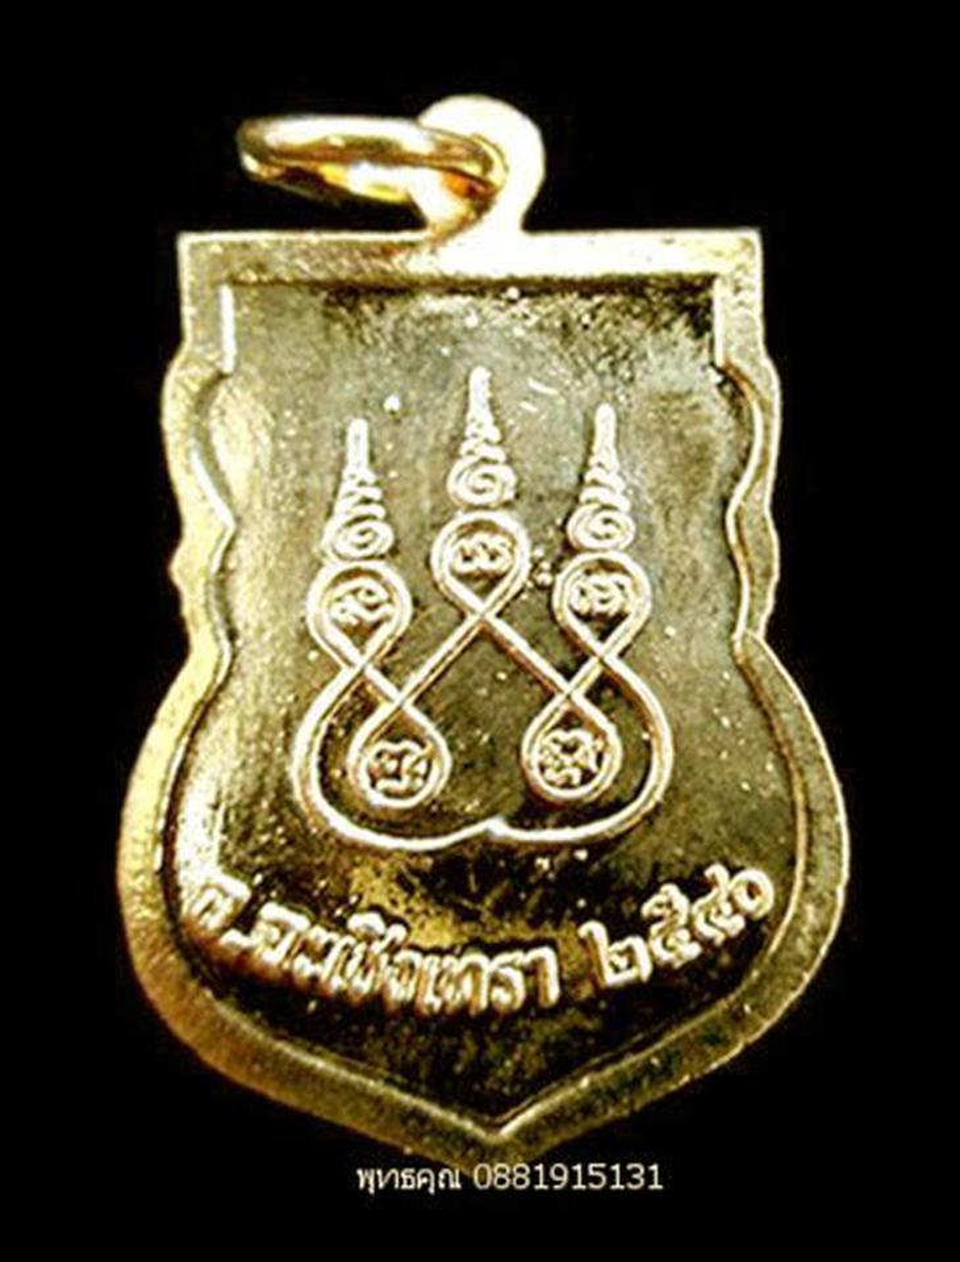 เหรียญลงยาหลวงพ่อโสธร วัดโสธร ฉะเชิงเทรา ปี2540 รูปที่ 4